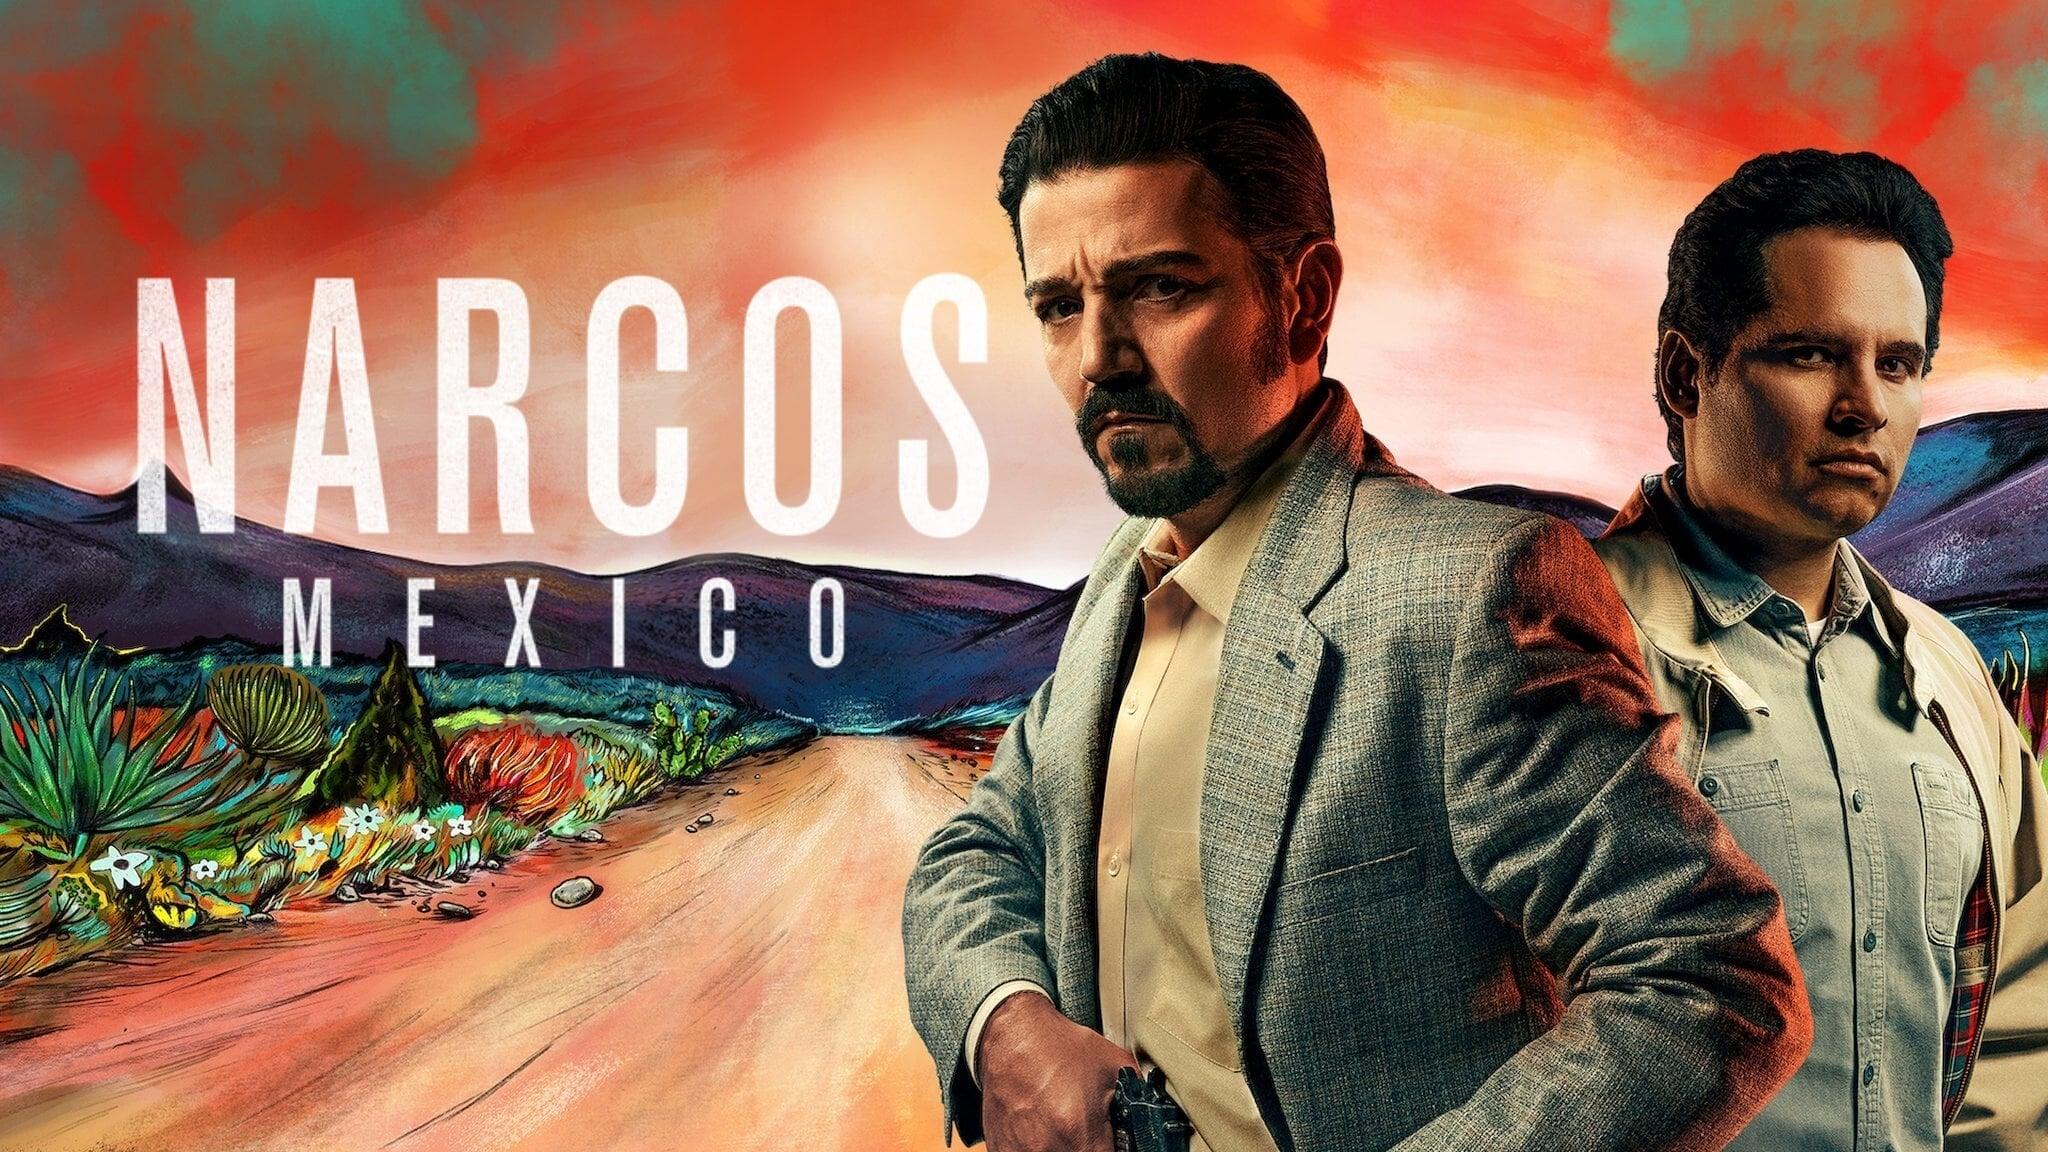 毒枭:墨西哥 第三季 Narcos: Mexico Season 3 (2021)